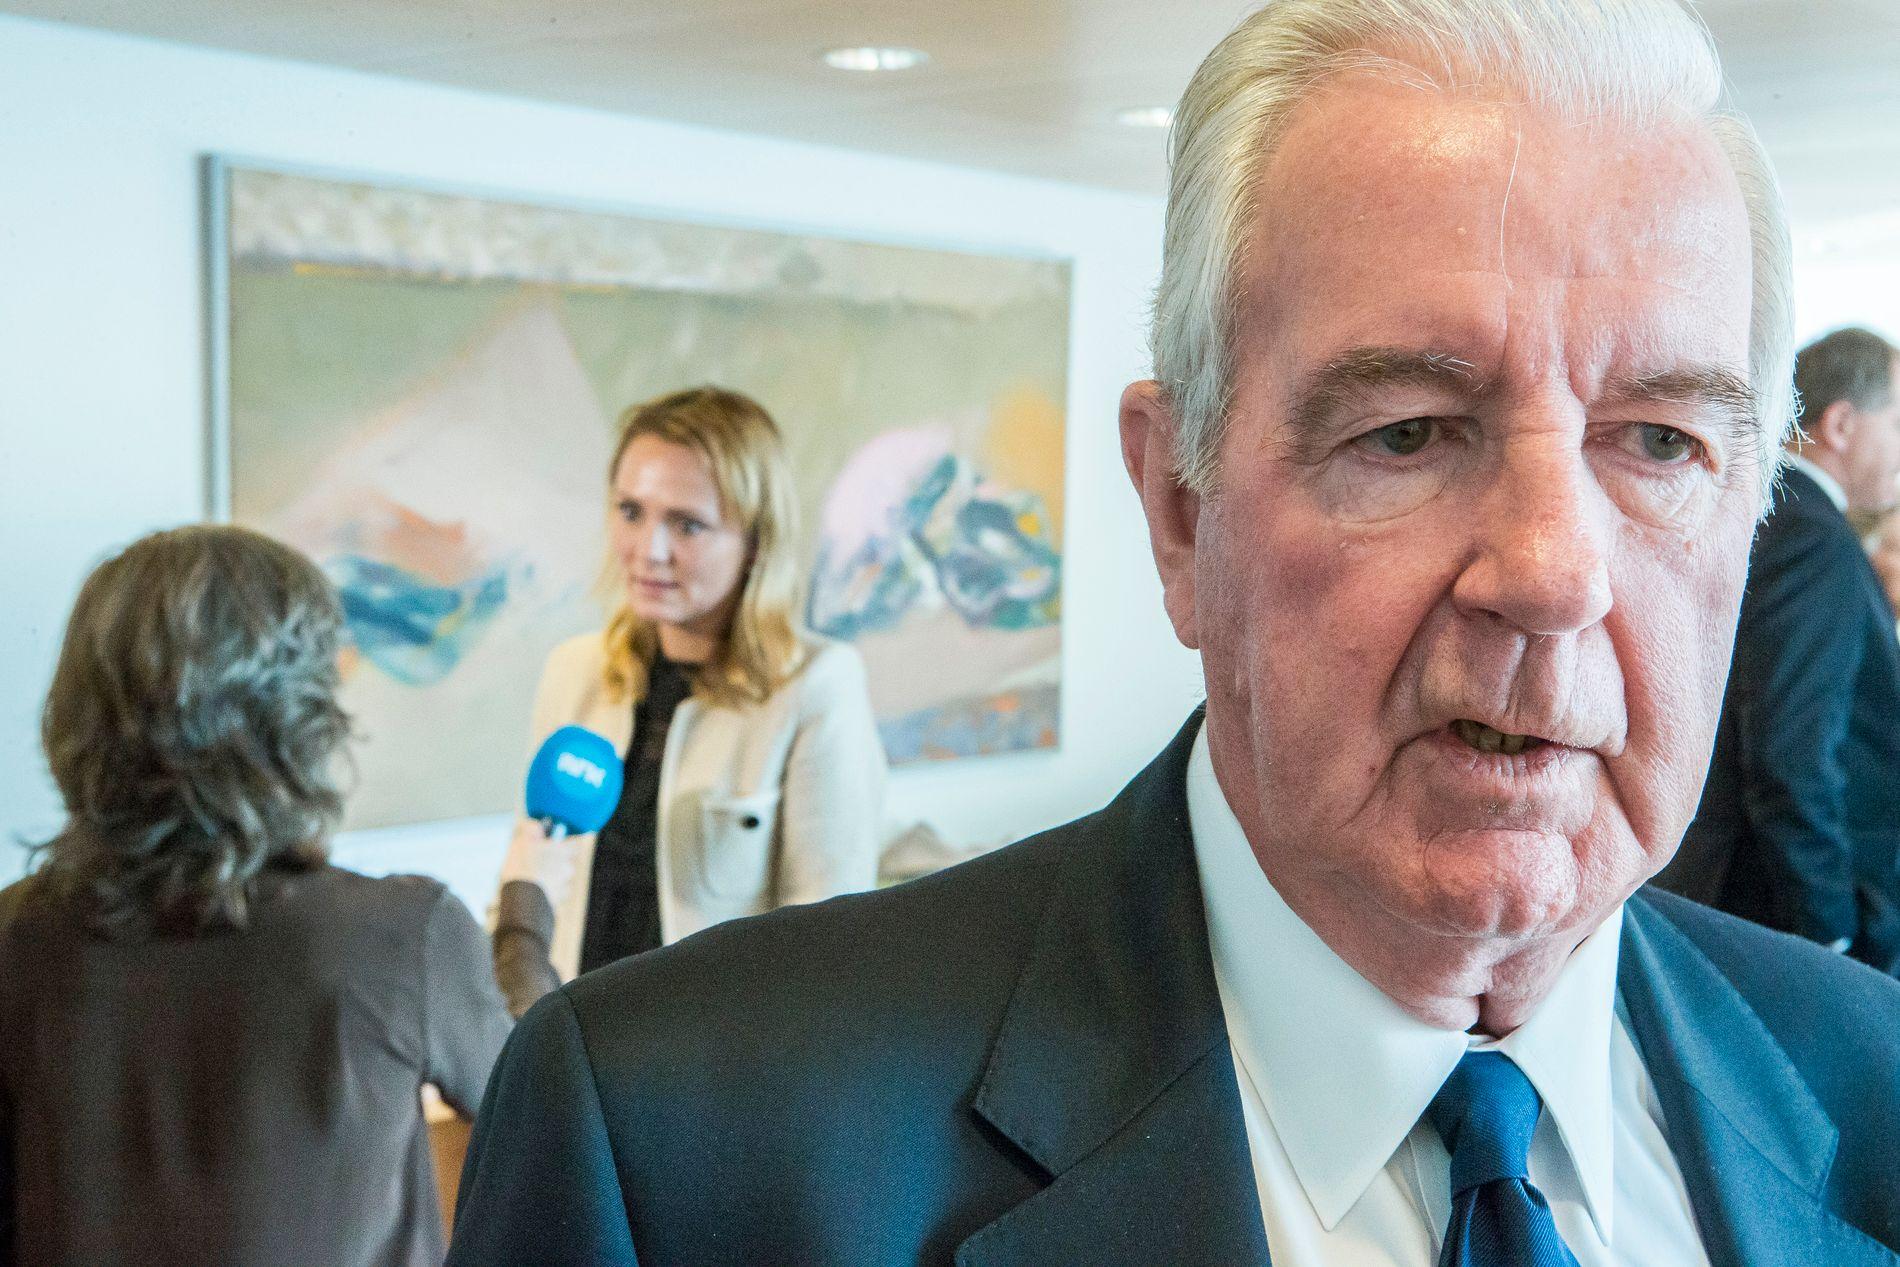 ULIKT SYN: Craig Reedie skal ha bedt Linda Hofstad Helleland om å droppe et møte i Det hvite hus. Her er WADA-presidenten i Oslo, mens den norske visepresidenten blir intervjuet i bakgrunnen av NRK.